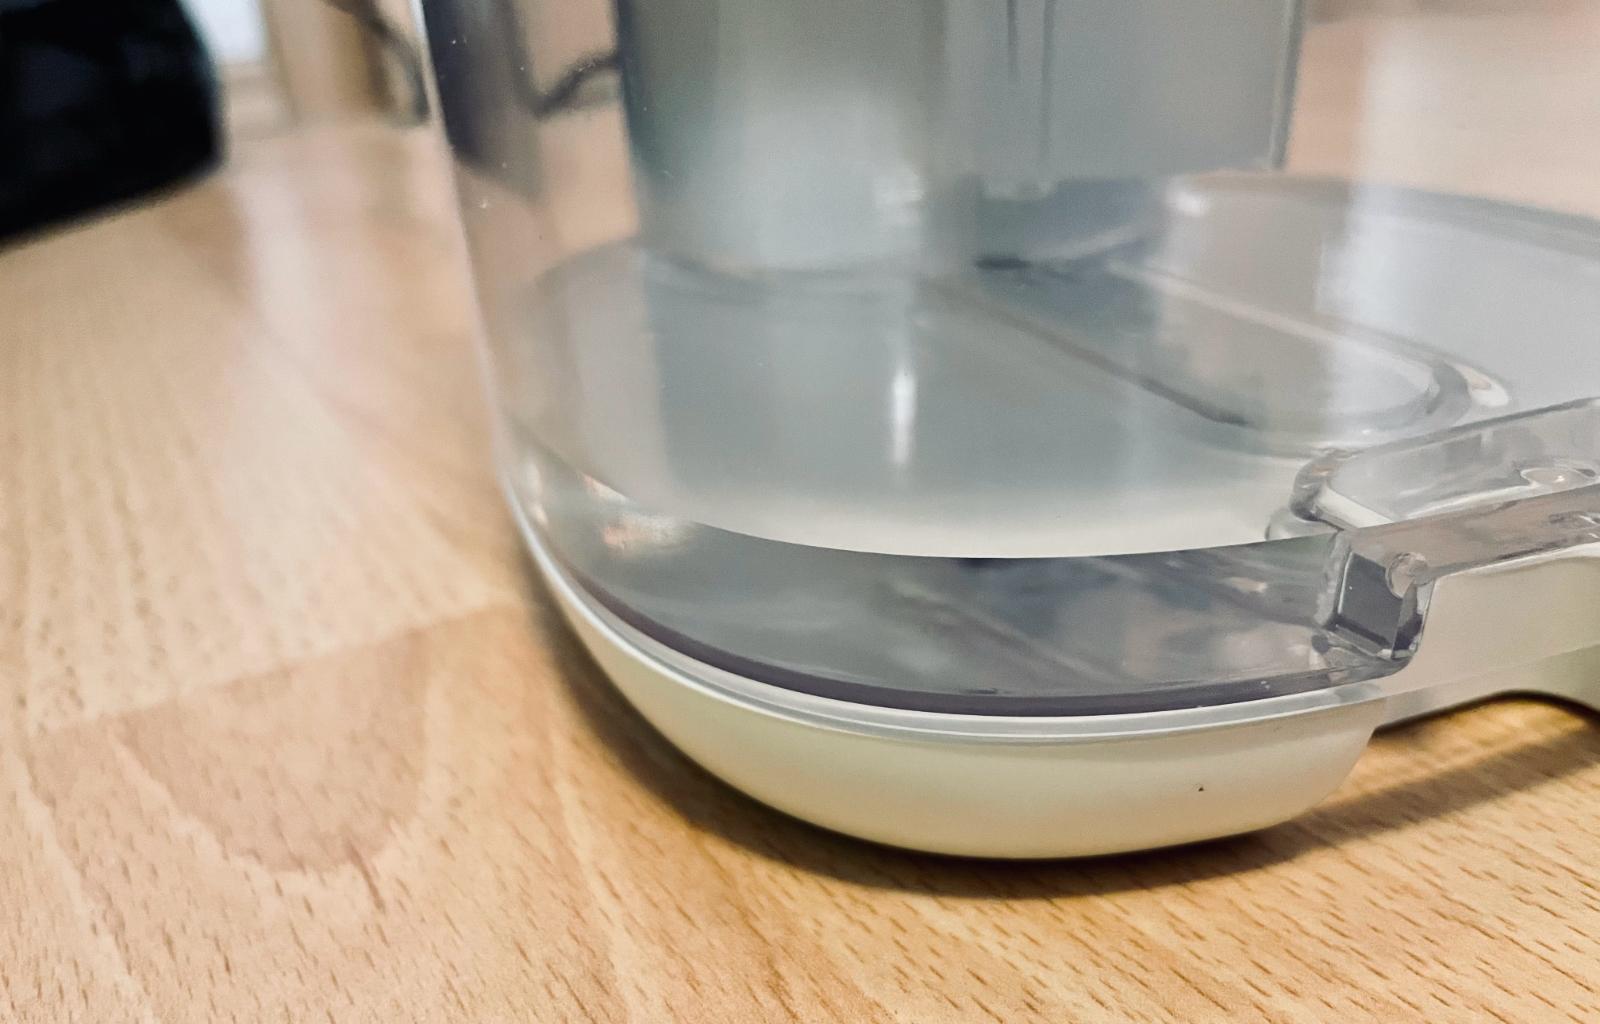 Tank eines Raumentfeuchter, gefüllt mit ca. 100 ml.